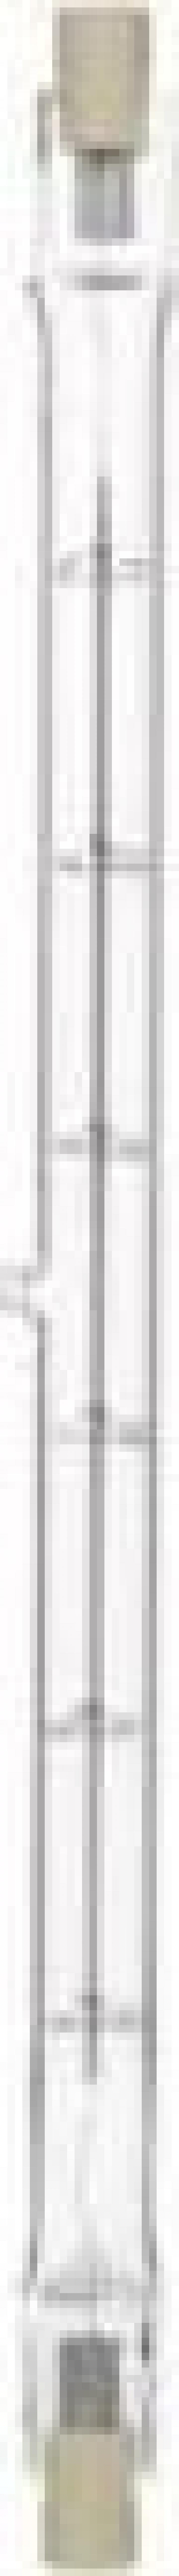 Bec halogen scena 230V 1000W R7S GE:Q1MT 3/4CL 20249